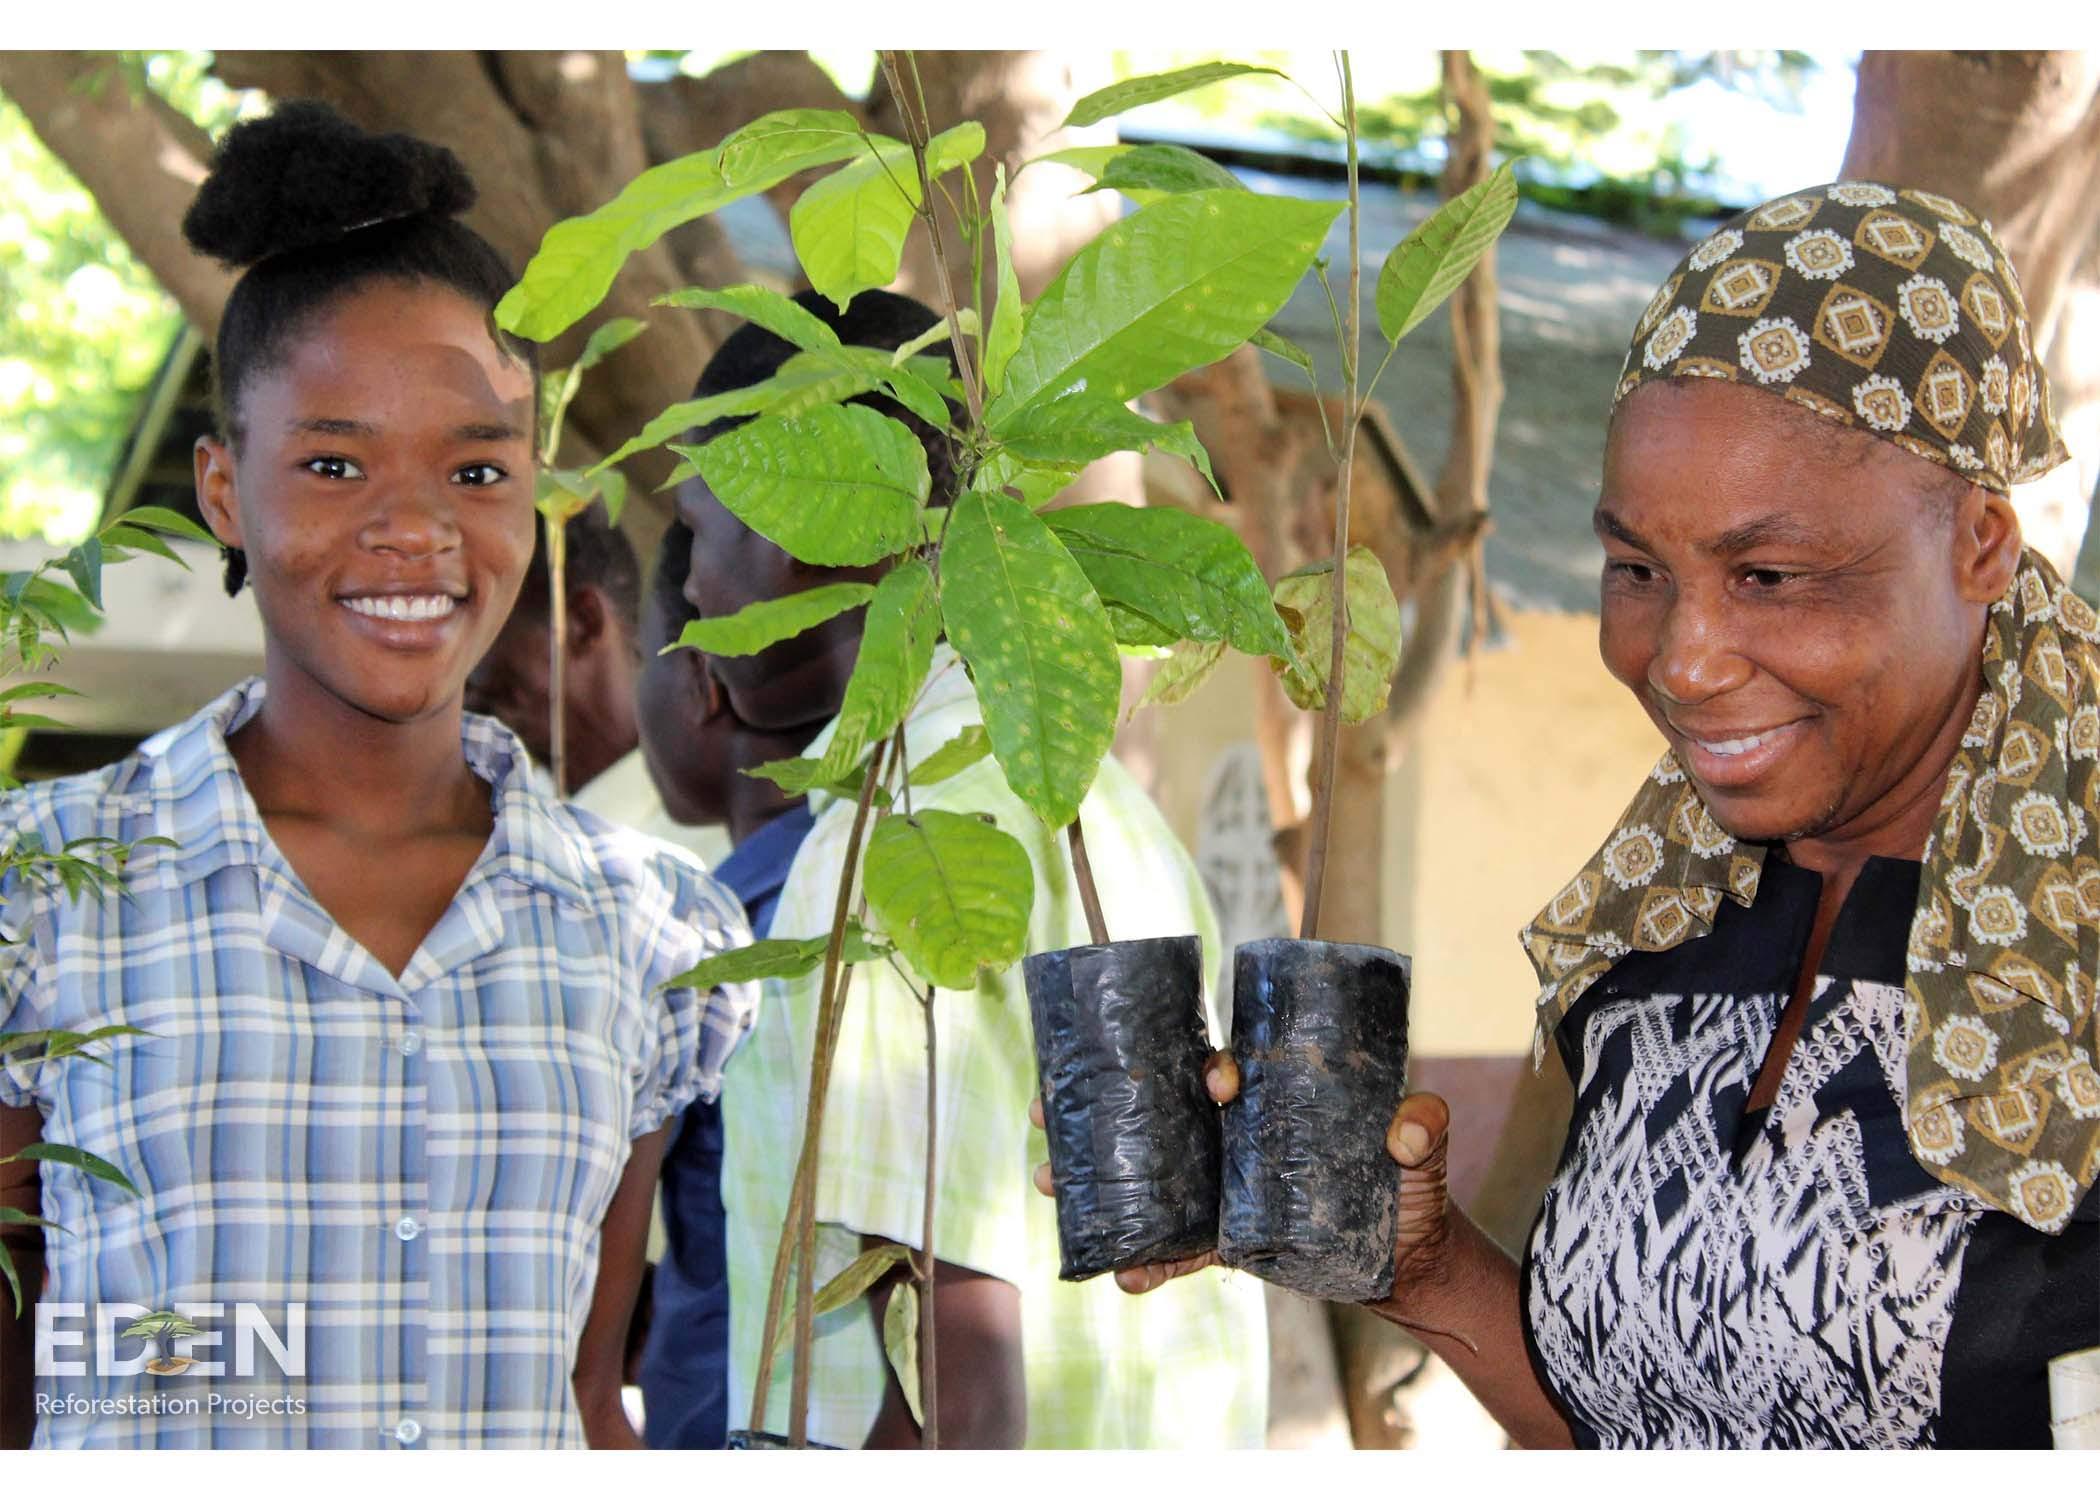 Unsere Zusammenarbeit mit Eden Reforestation Projects: Vanille genießen und Bäume pflanzen